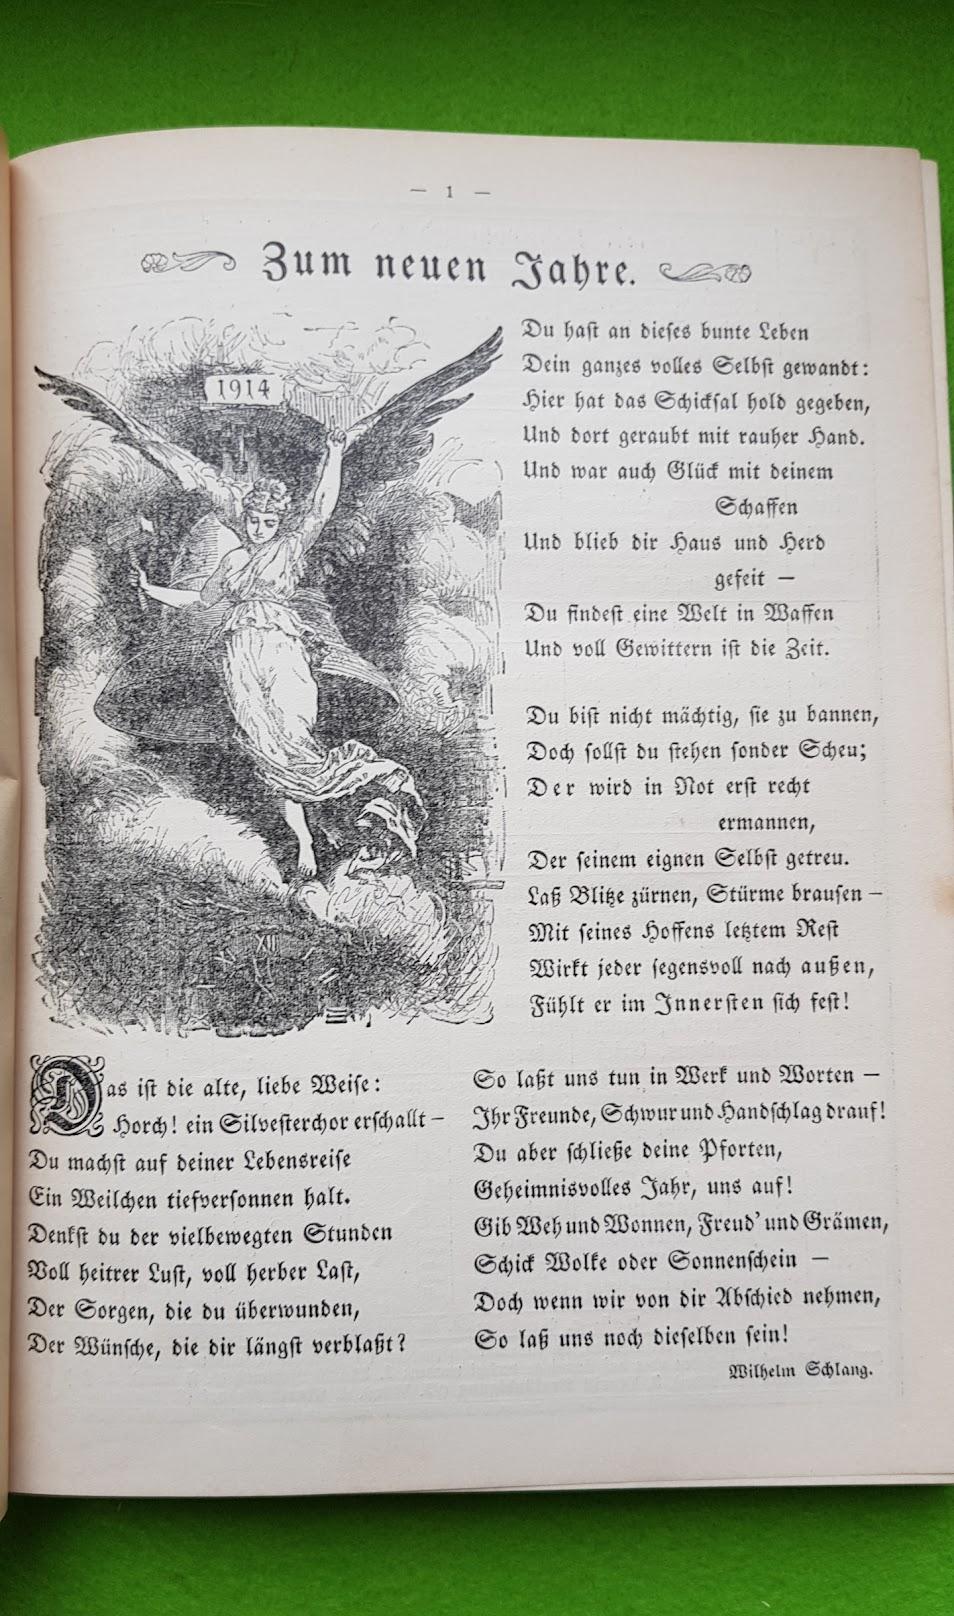 Großer Volkskalender des Lahrer hinkenden Boten - 1914 - Gedicht zum neuen Jahre